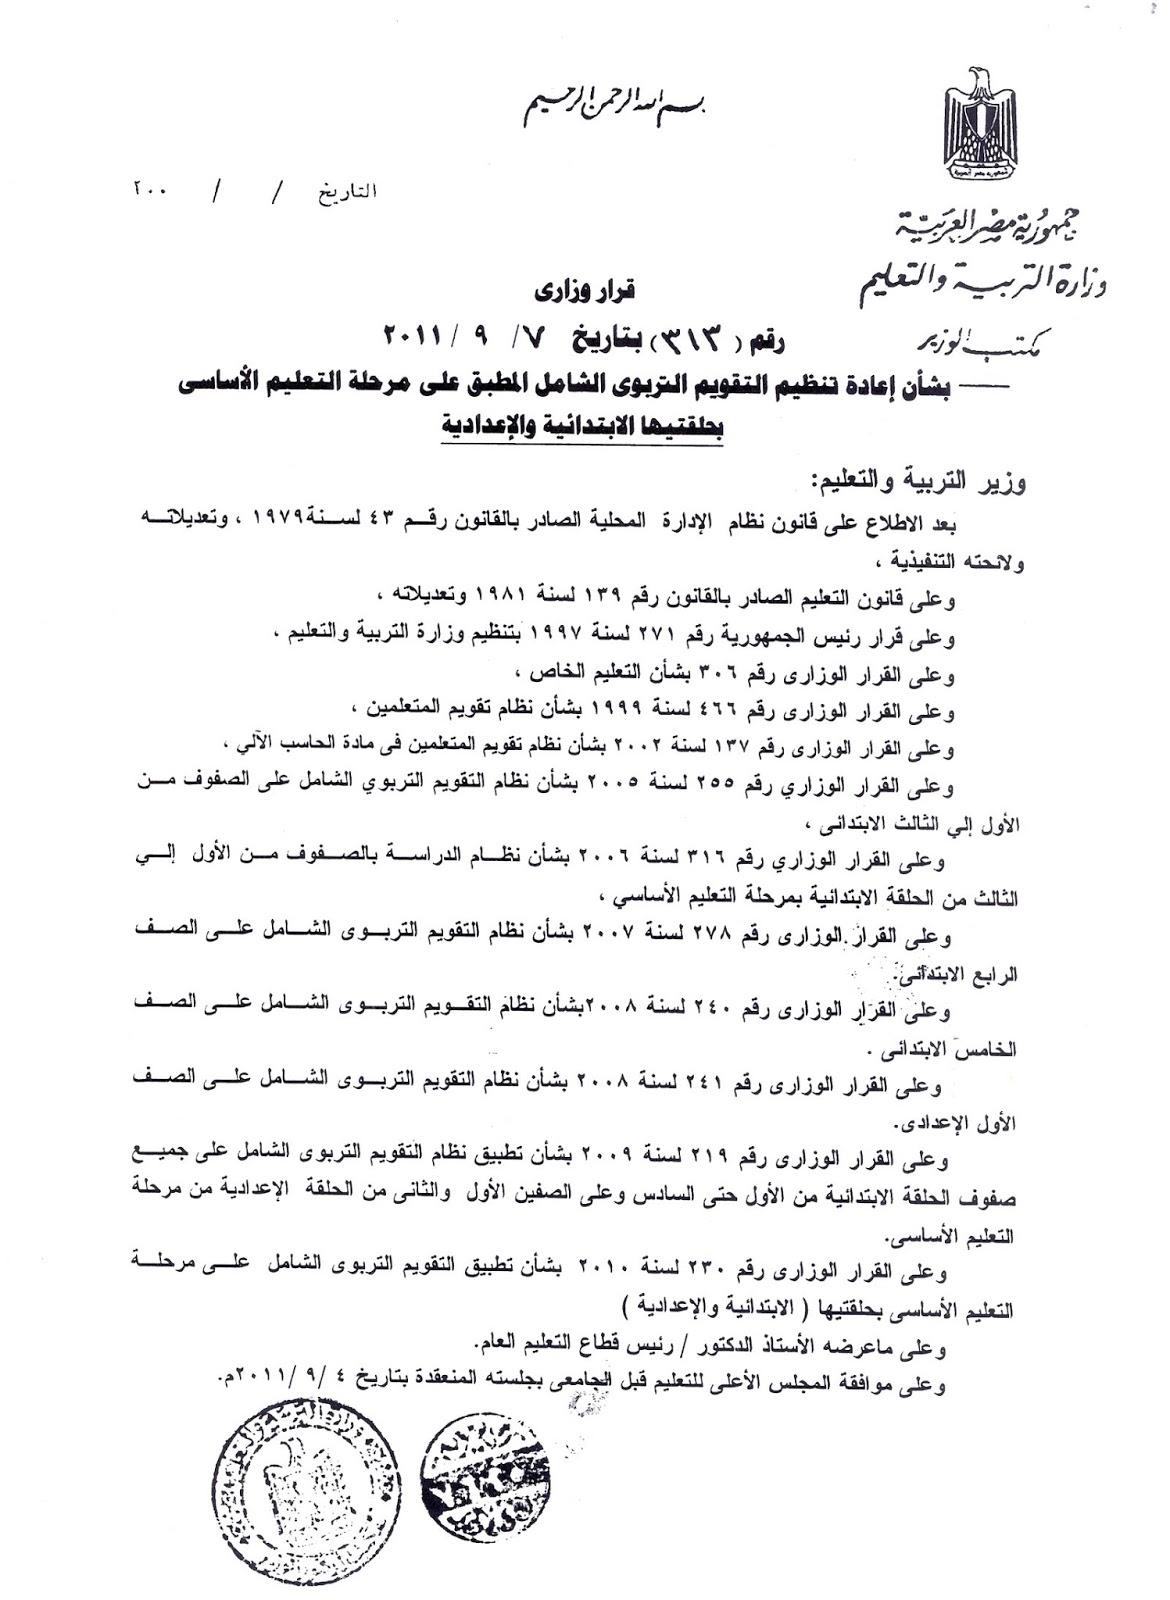 """قرار وزير التربية والتعليم رقم 313 الخاص بمنظومة التقويم التربوي الشامل """"كاملا 43 ورقة pdf"""" _313_001"""